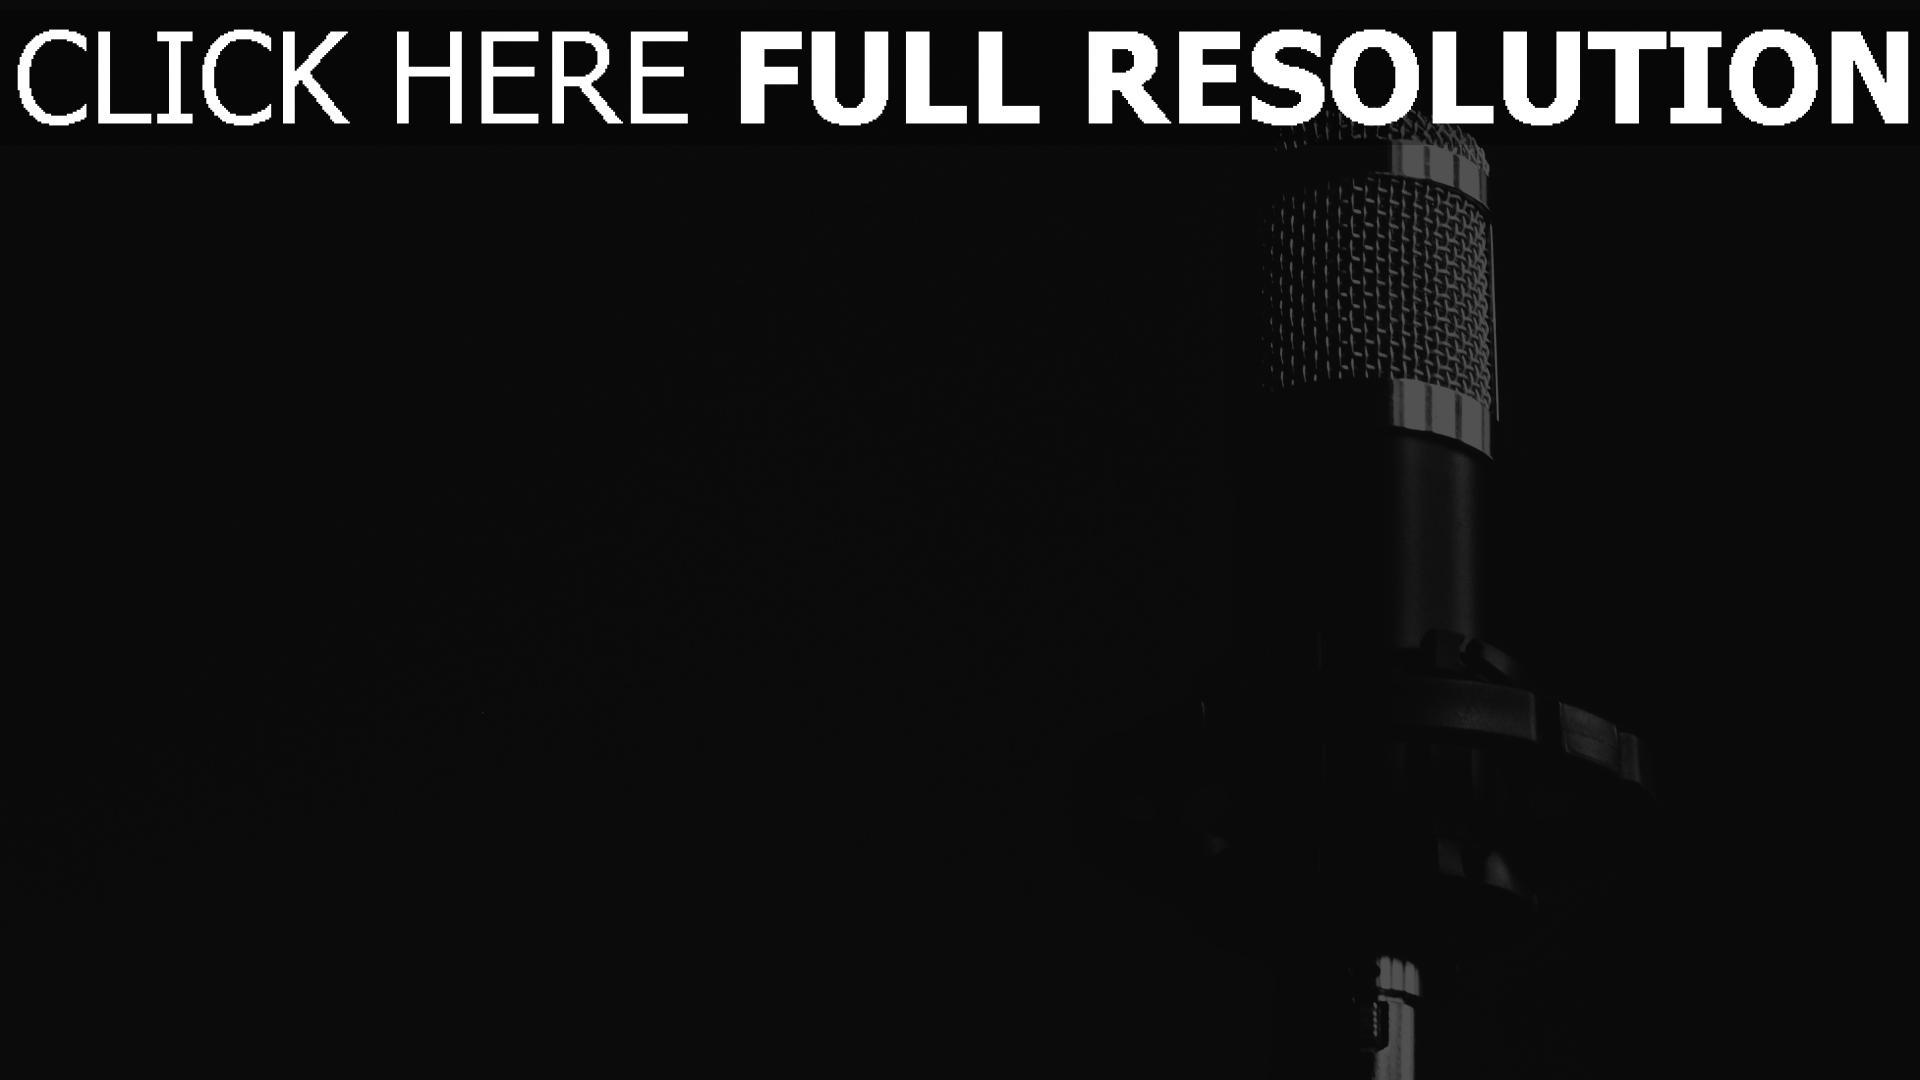 Very HD Hintergrundbilder schwarz-weiß musik mikrofon, desktop hintergrund AJ71